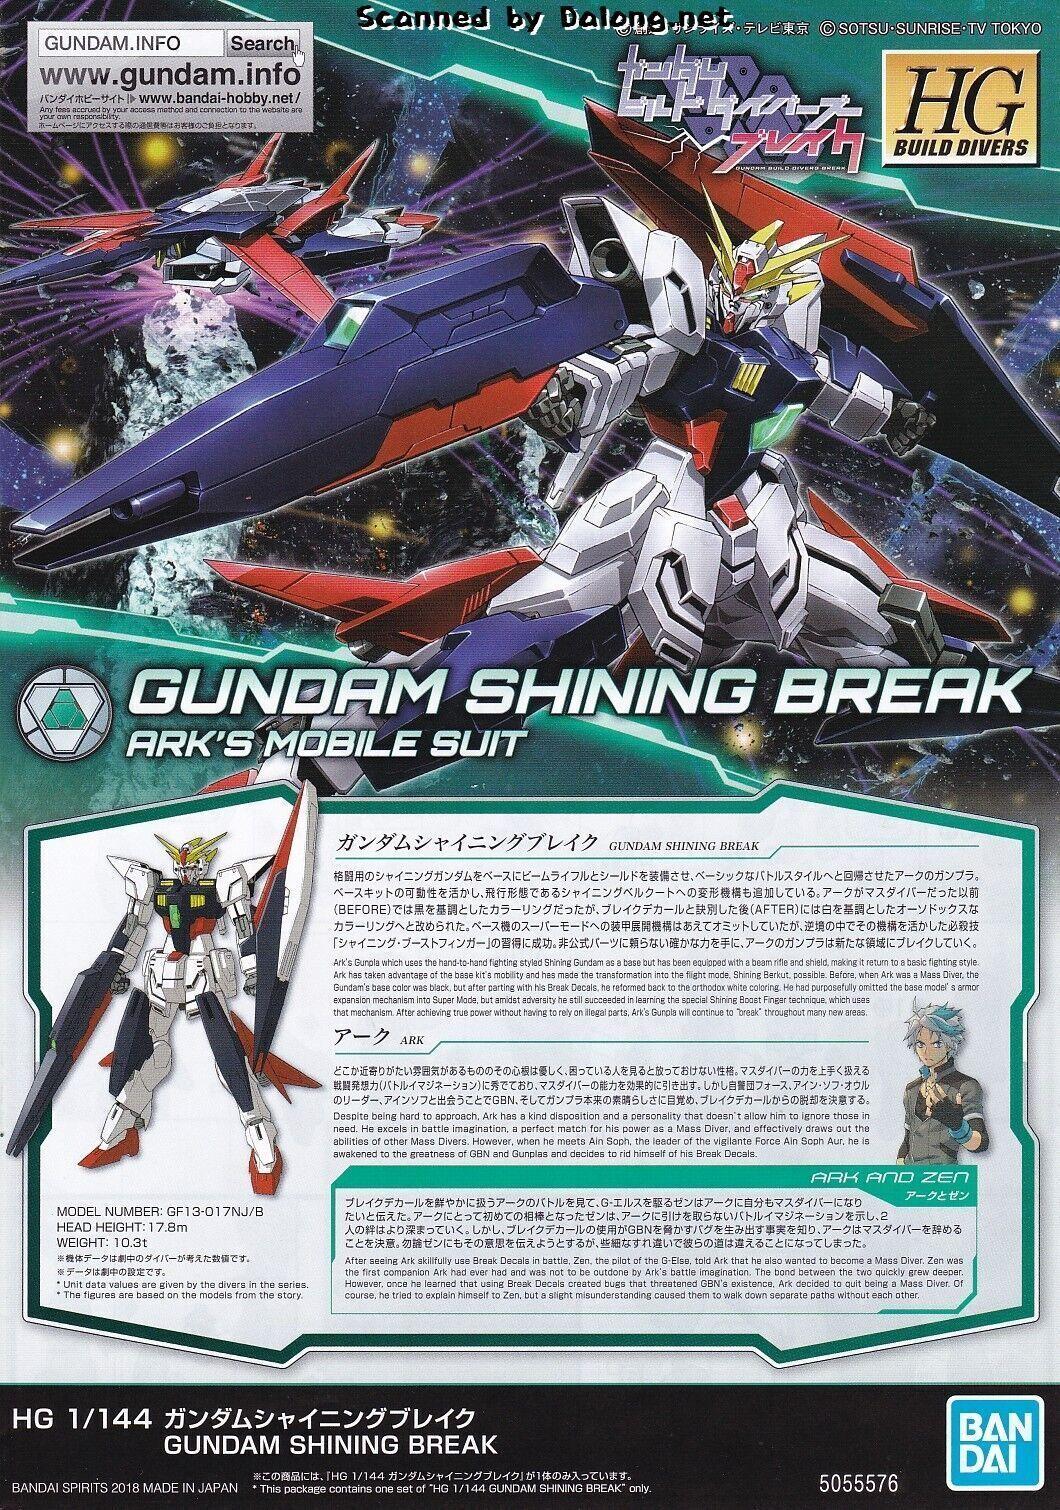 万代模型 HGBD 022 1/144 Shinning Break 闪光破坏高达光束枪盾